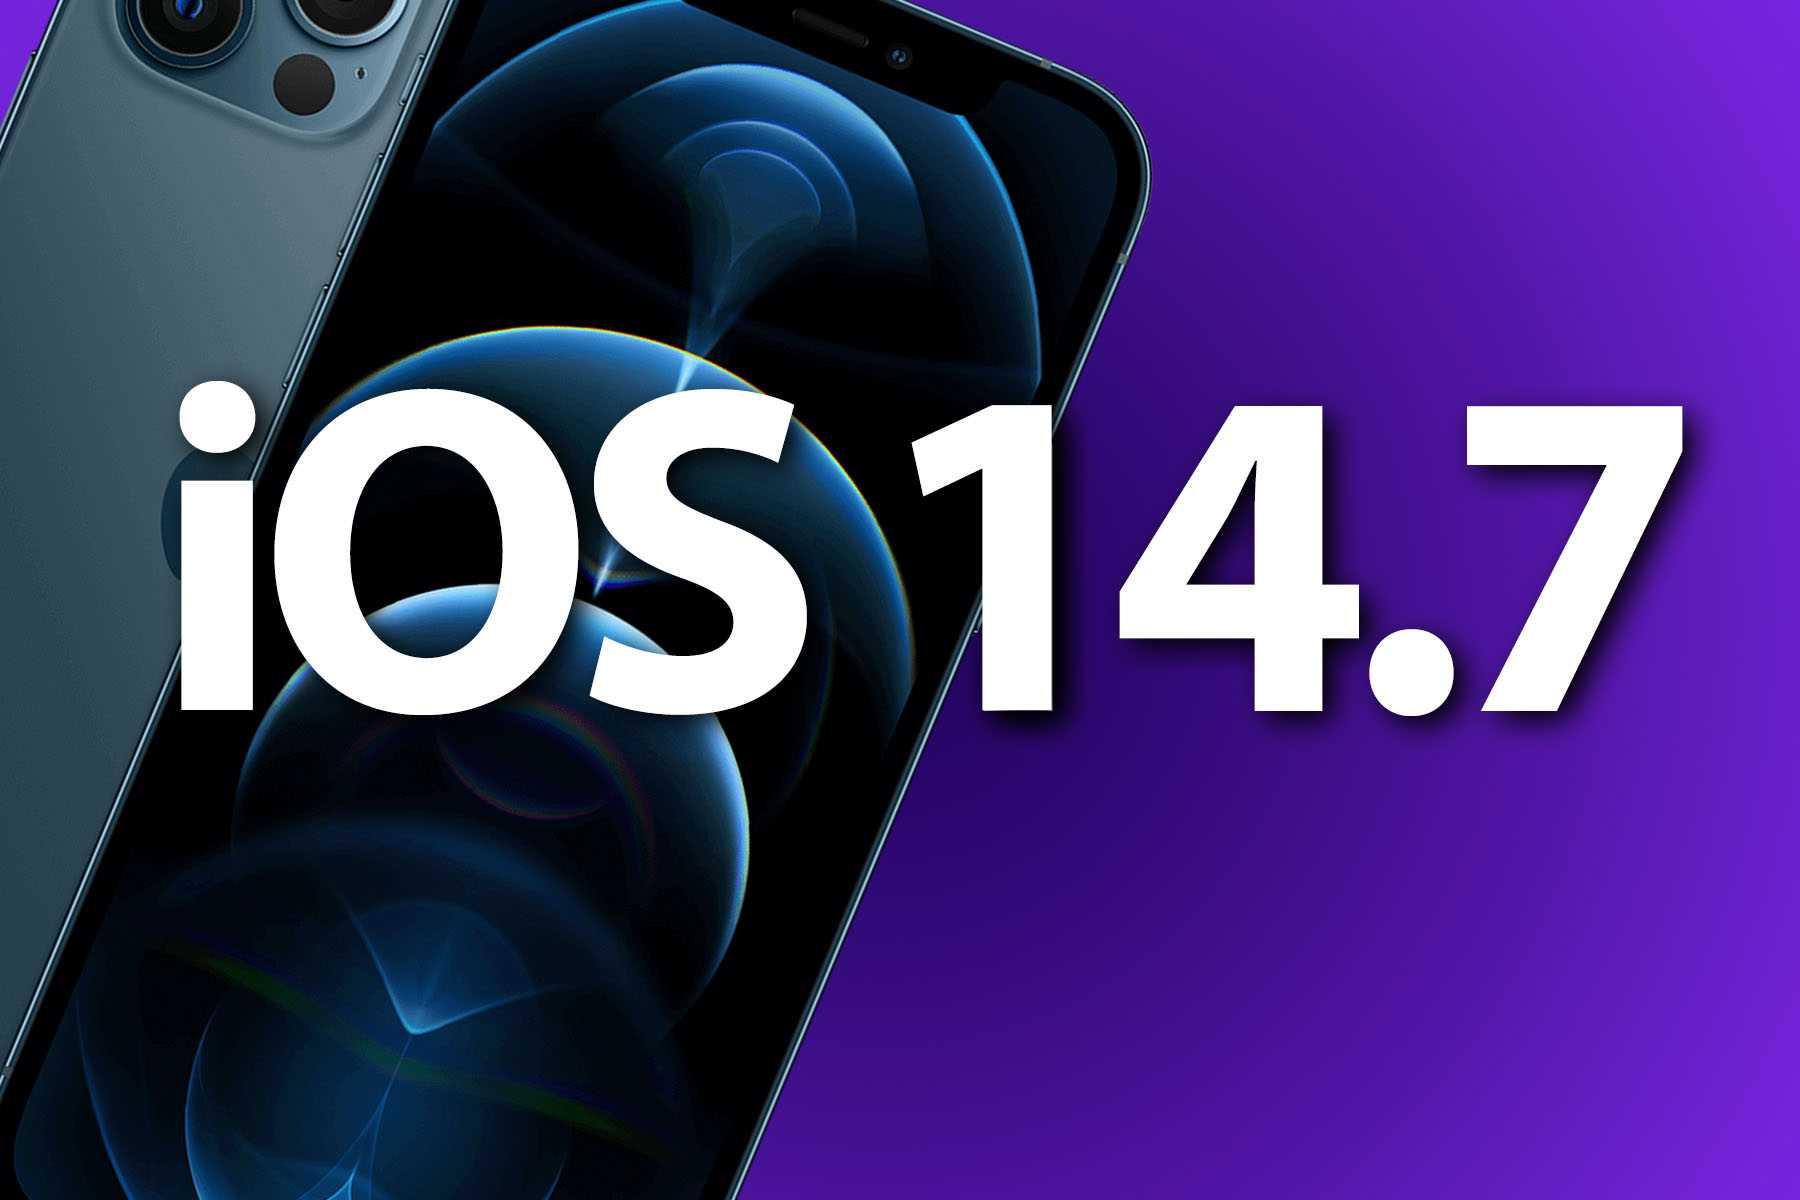 Apple iOS 14.7